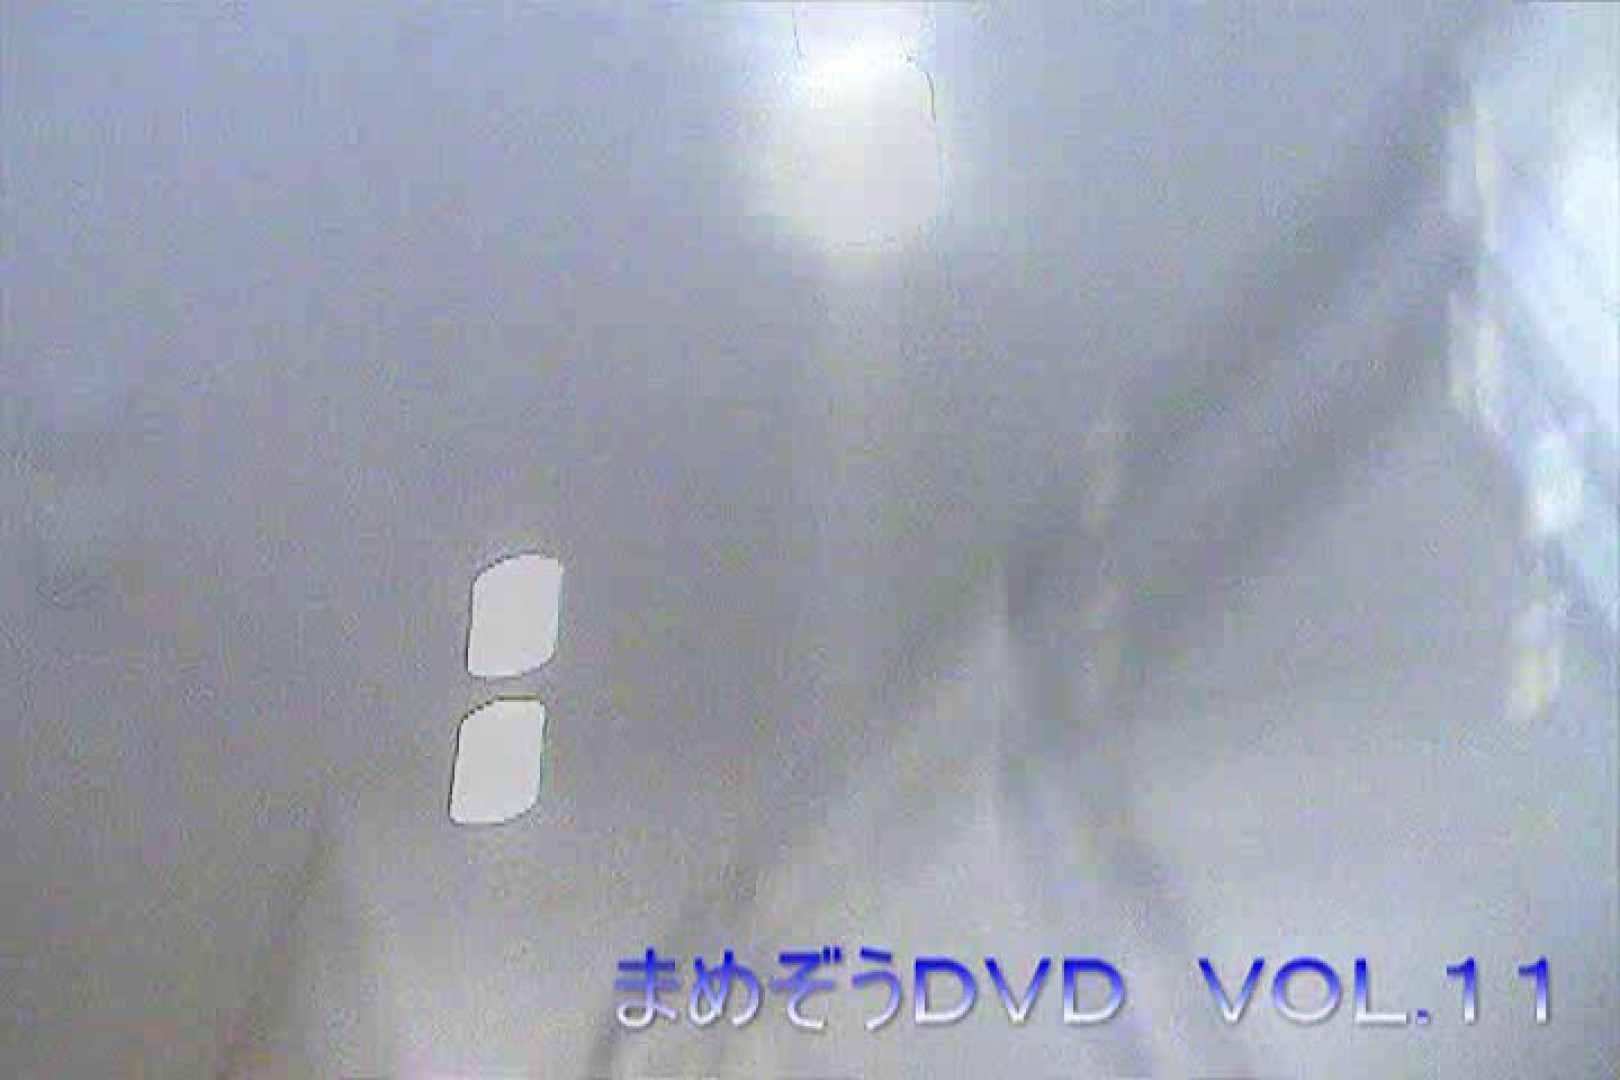 まめぞうDVD完全版VOL.11 ギャル達  111枚 14